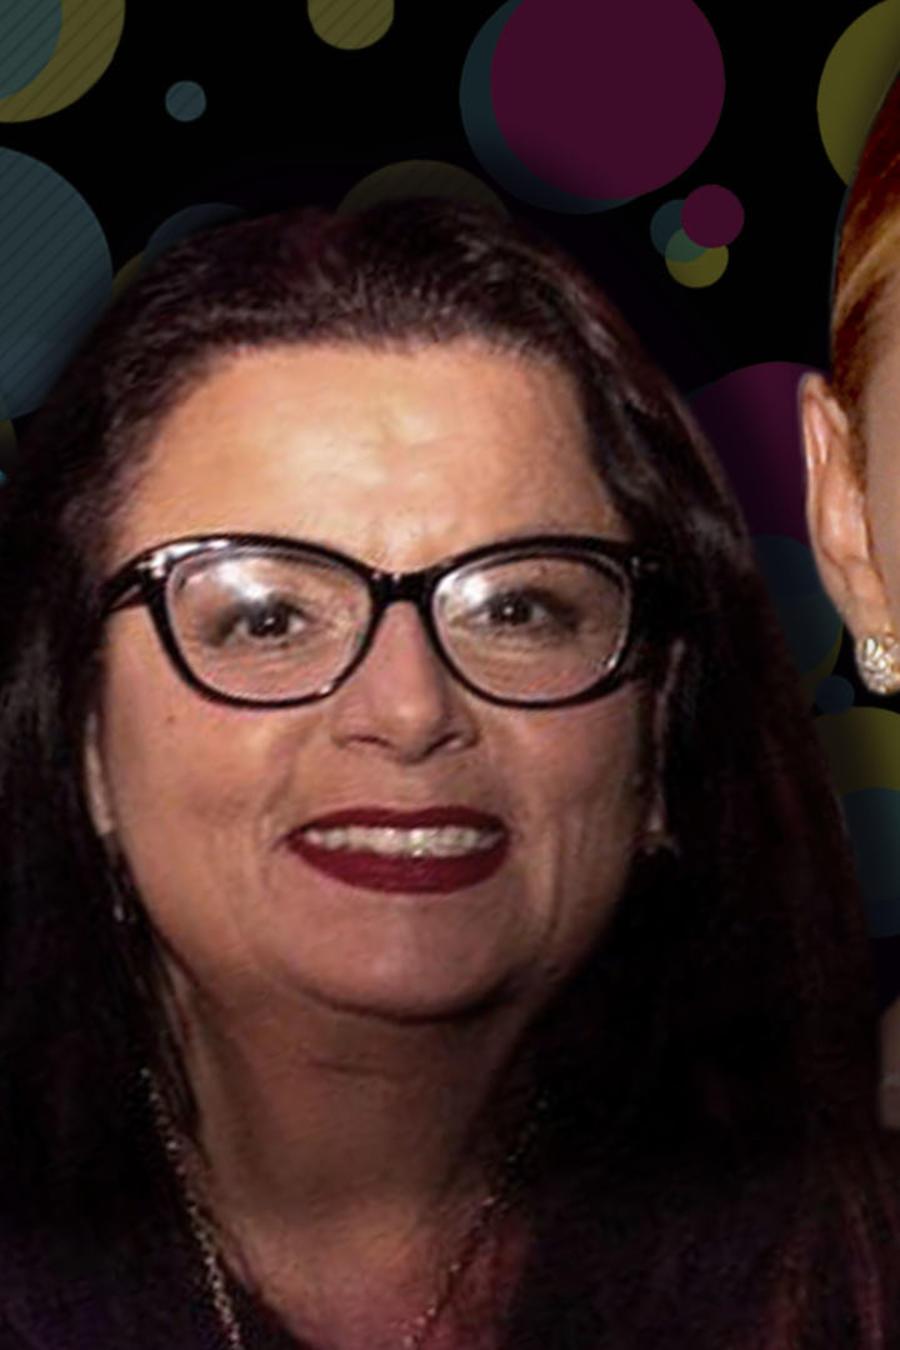 Marjorie de Sousa responde a la hermana de Julián Gil